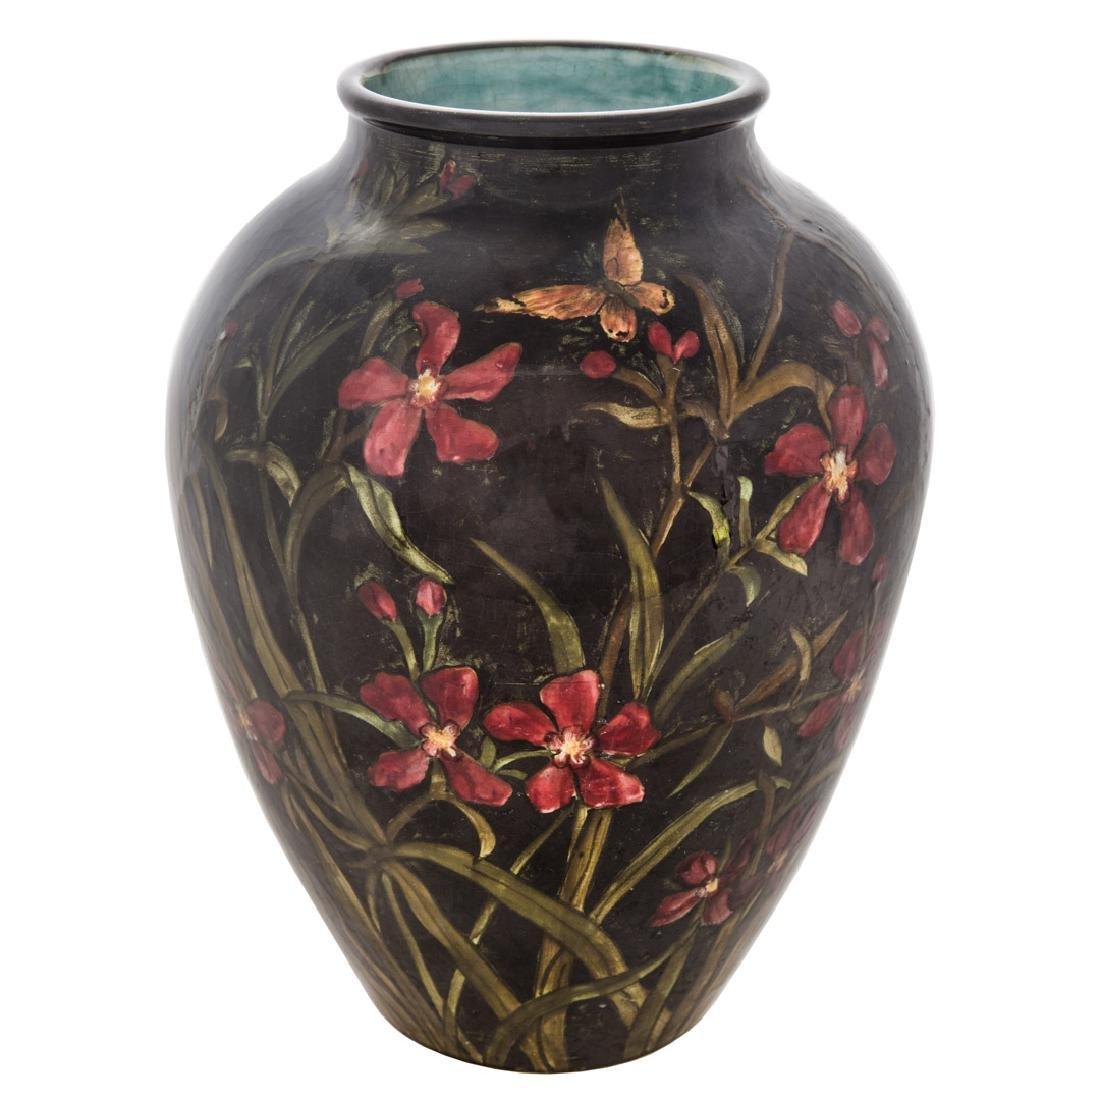 John Bennett art pottery vase